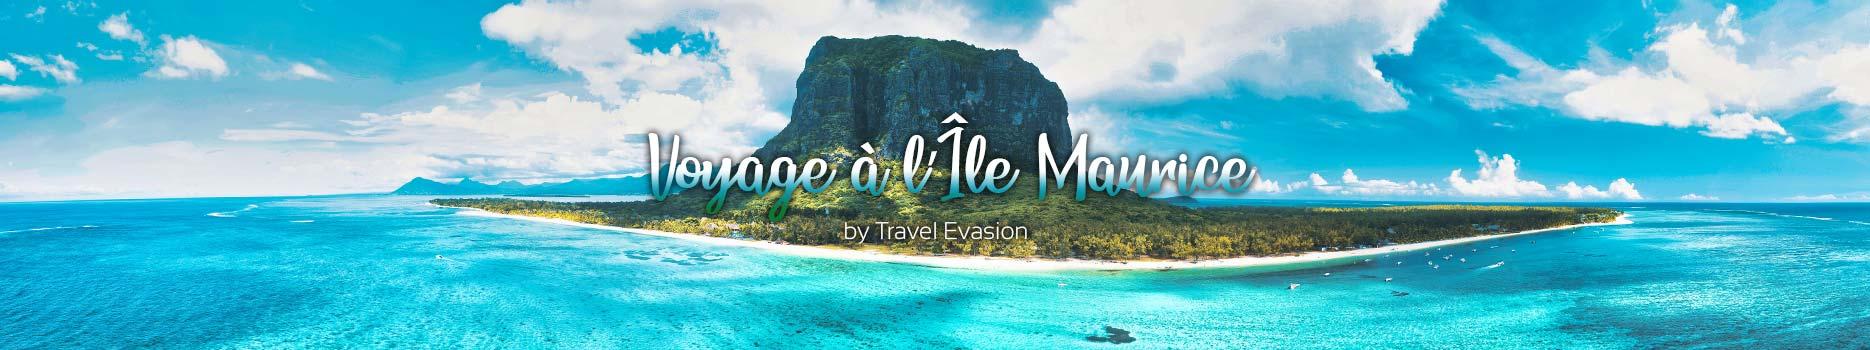 Voyage Ile Maurice, des séjours Mauriciens au bon prix.